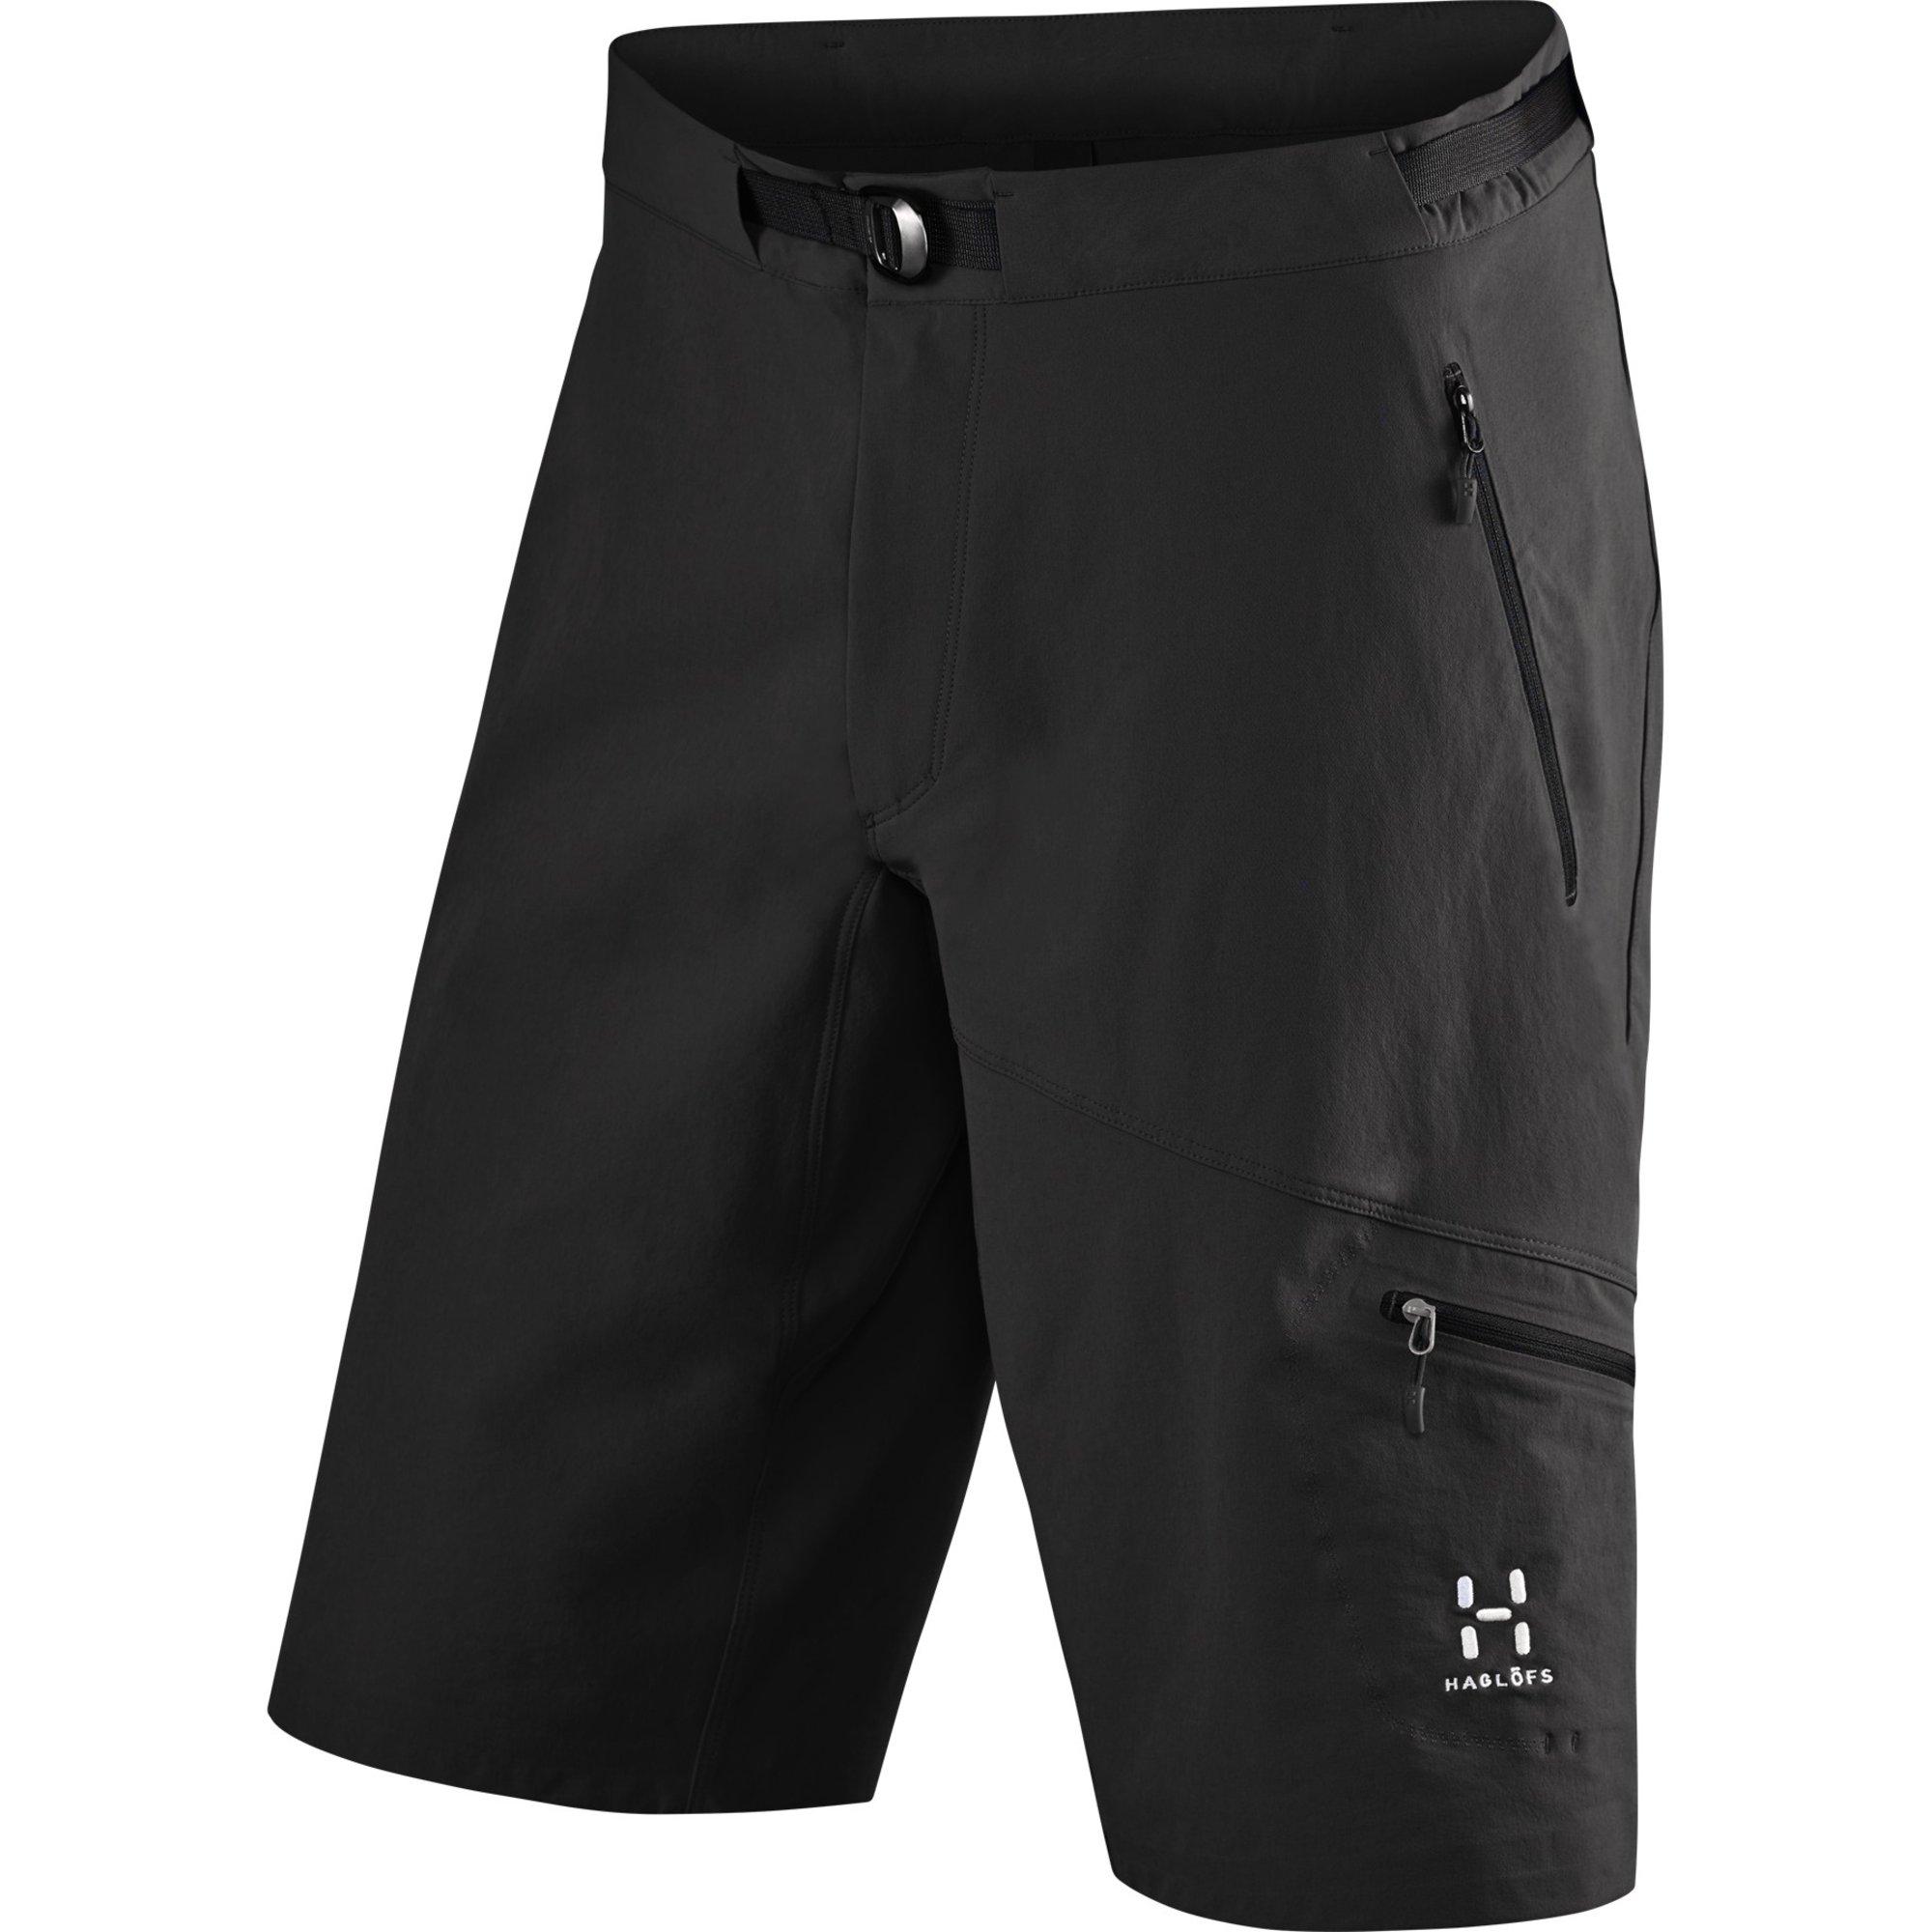 Xxl Haglöfs Laukku : Hagl?fs lizard ii shorts black xxl